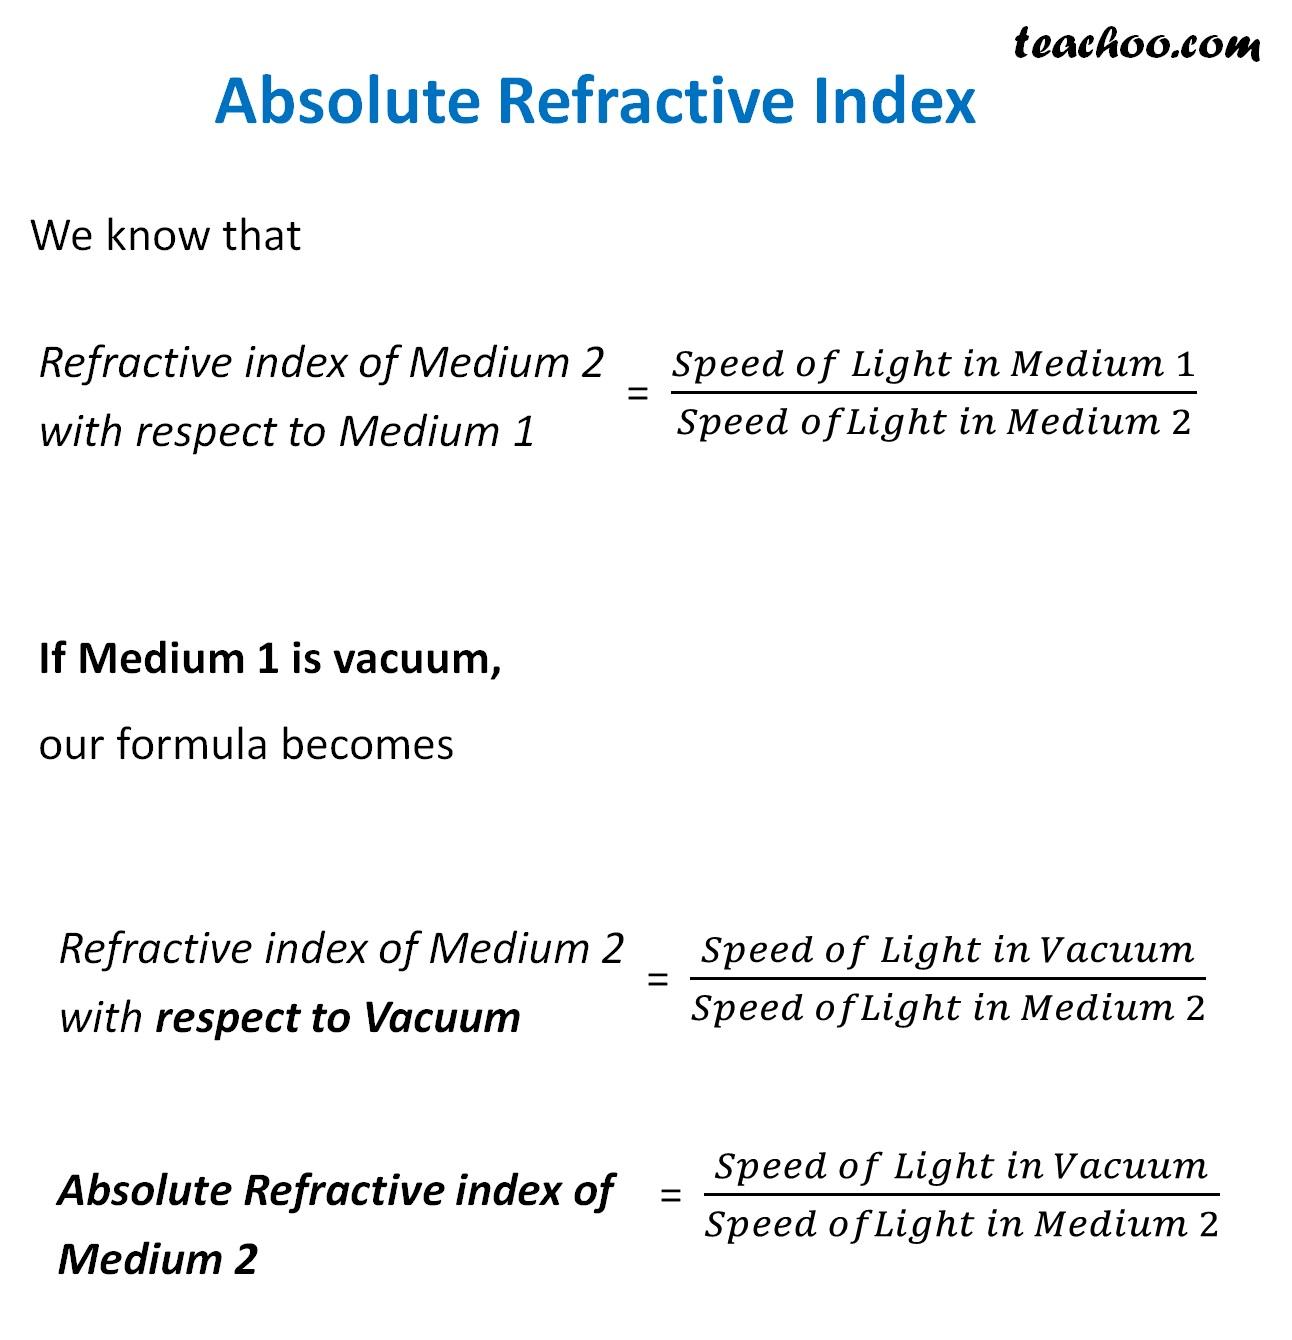 Absolute Refractive Index - Teachoo.jpg